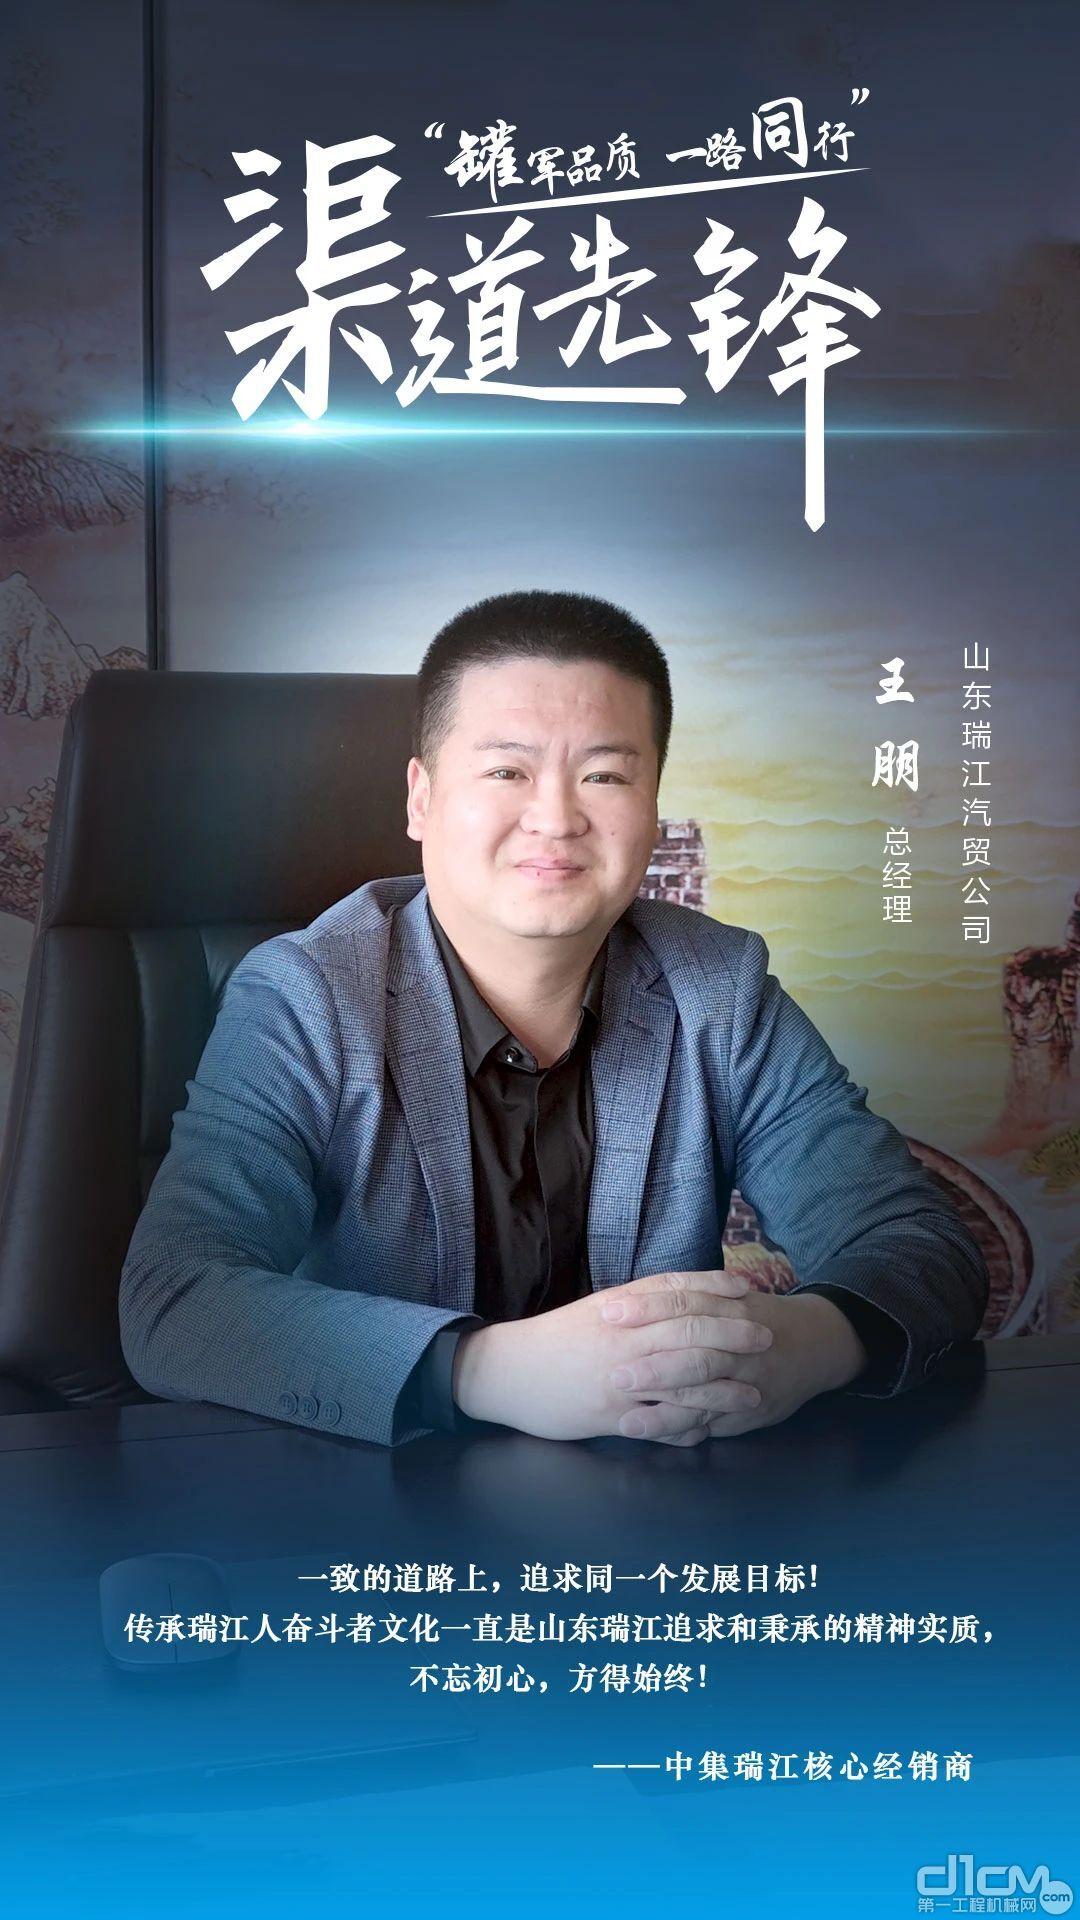 山东瑞江王朋